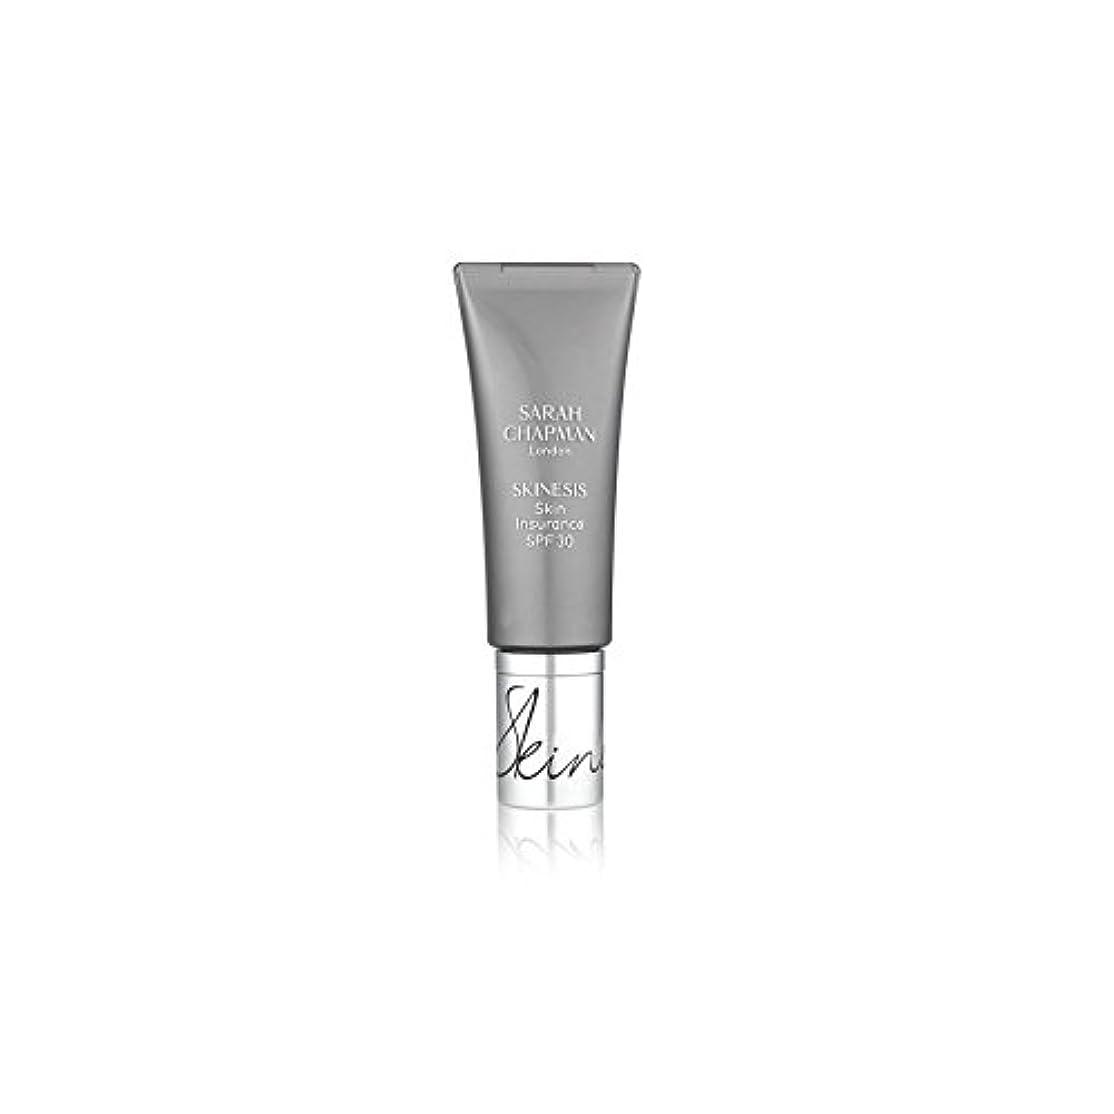 。規則性プレゼンテーションSarah Chapman Skinesis Skin Insurance Spf 30 (30ml) - サラ・チャップマン皮膚保険 30(30ミリリットル) [並行輸入品]